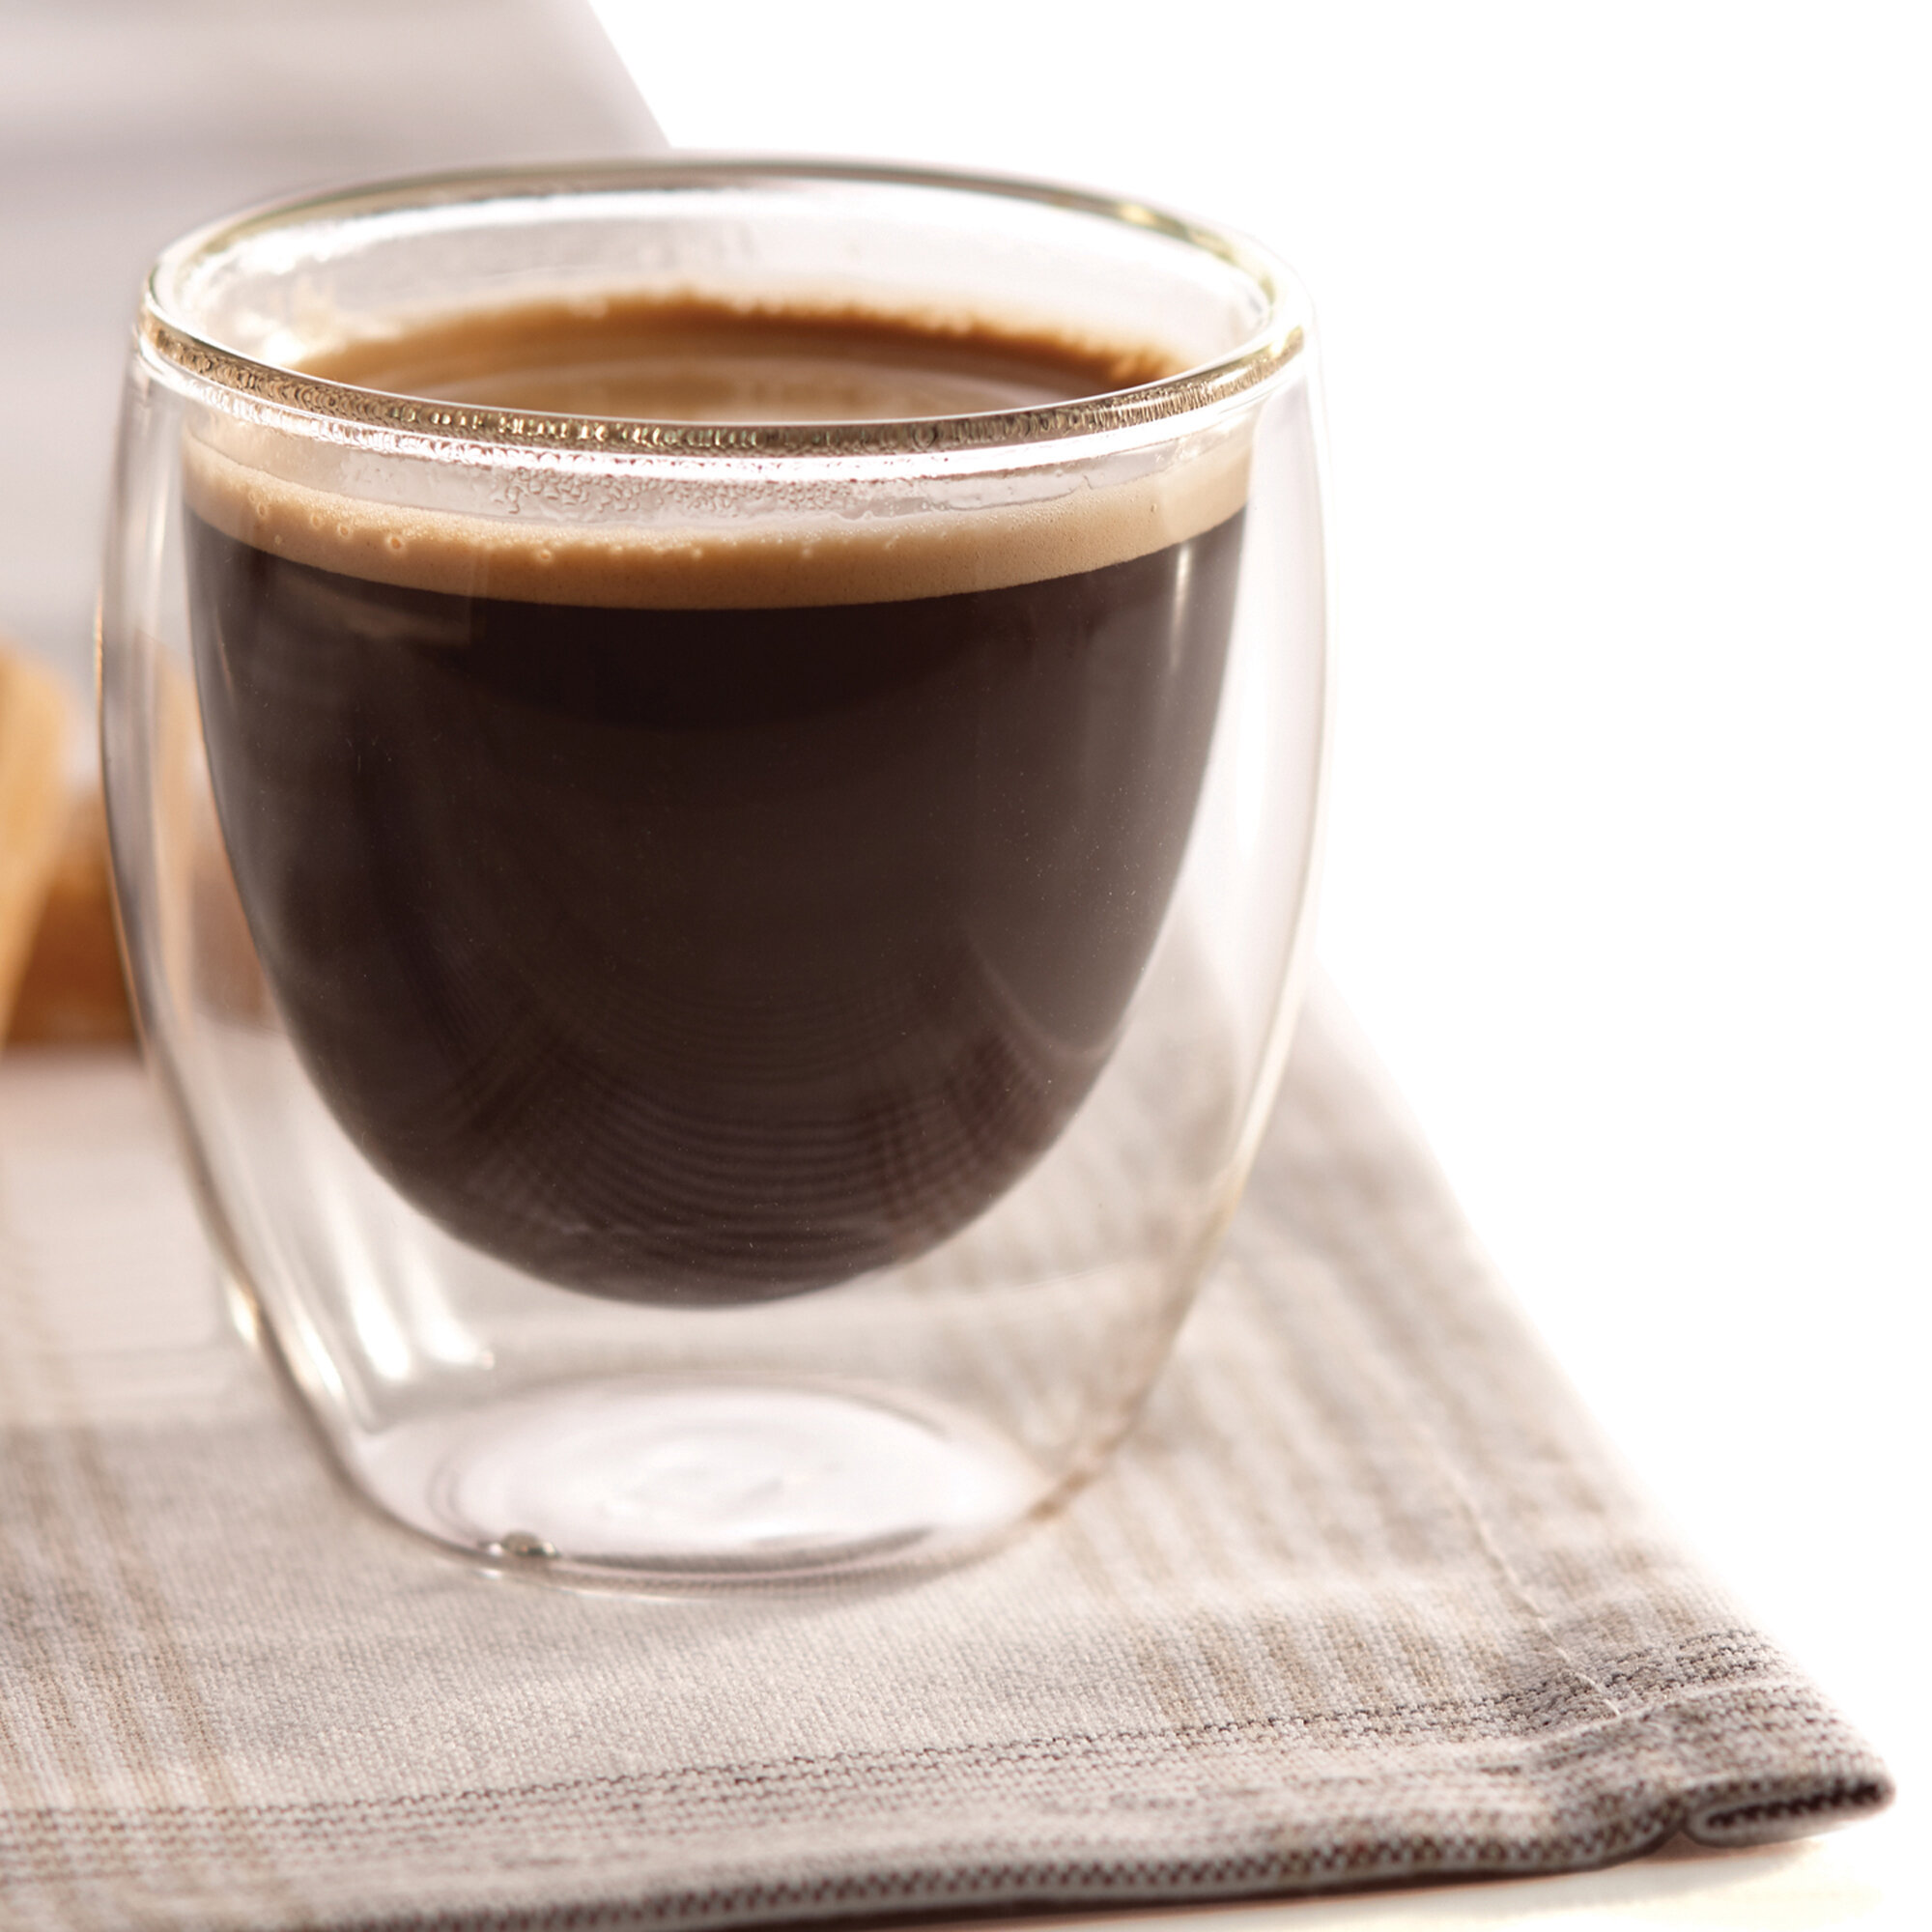 Charlton Home Soliz Barista Double Wall Espresso Cup Reviews Wayfair Ca